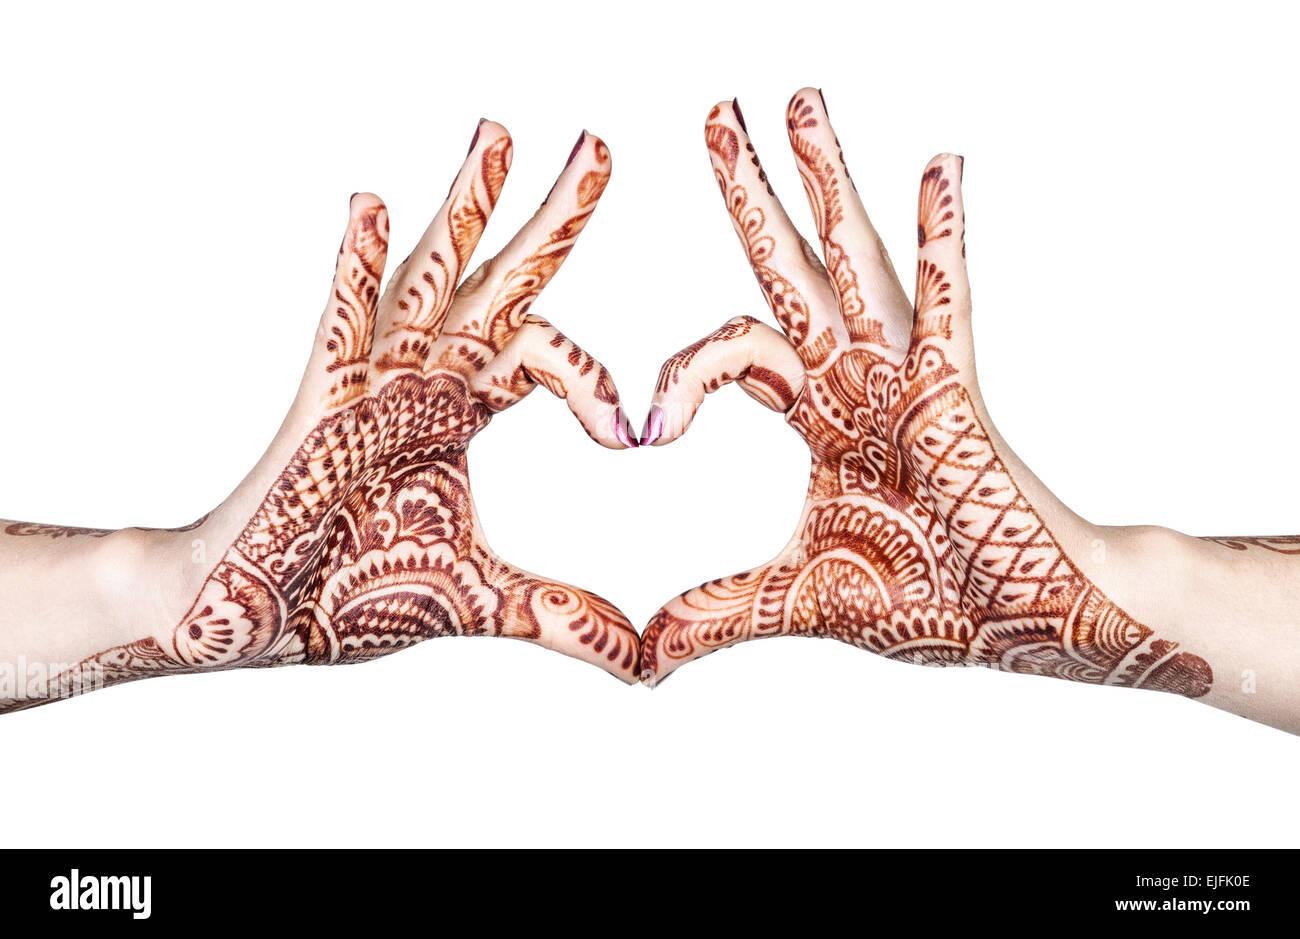 Donna mani con henna fare cuore gesto isolato su sfondo bianco con tracciato di ritaglio Immagini Stock